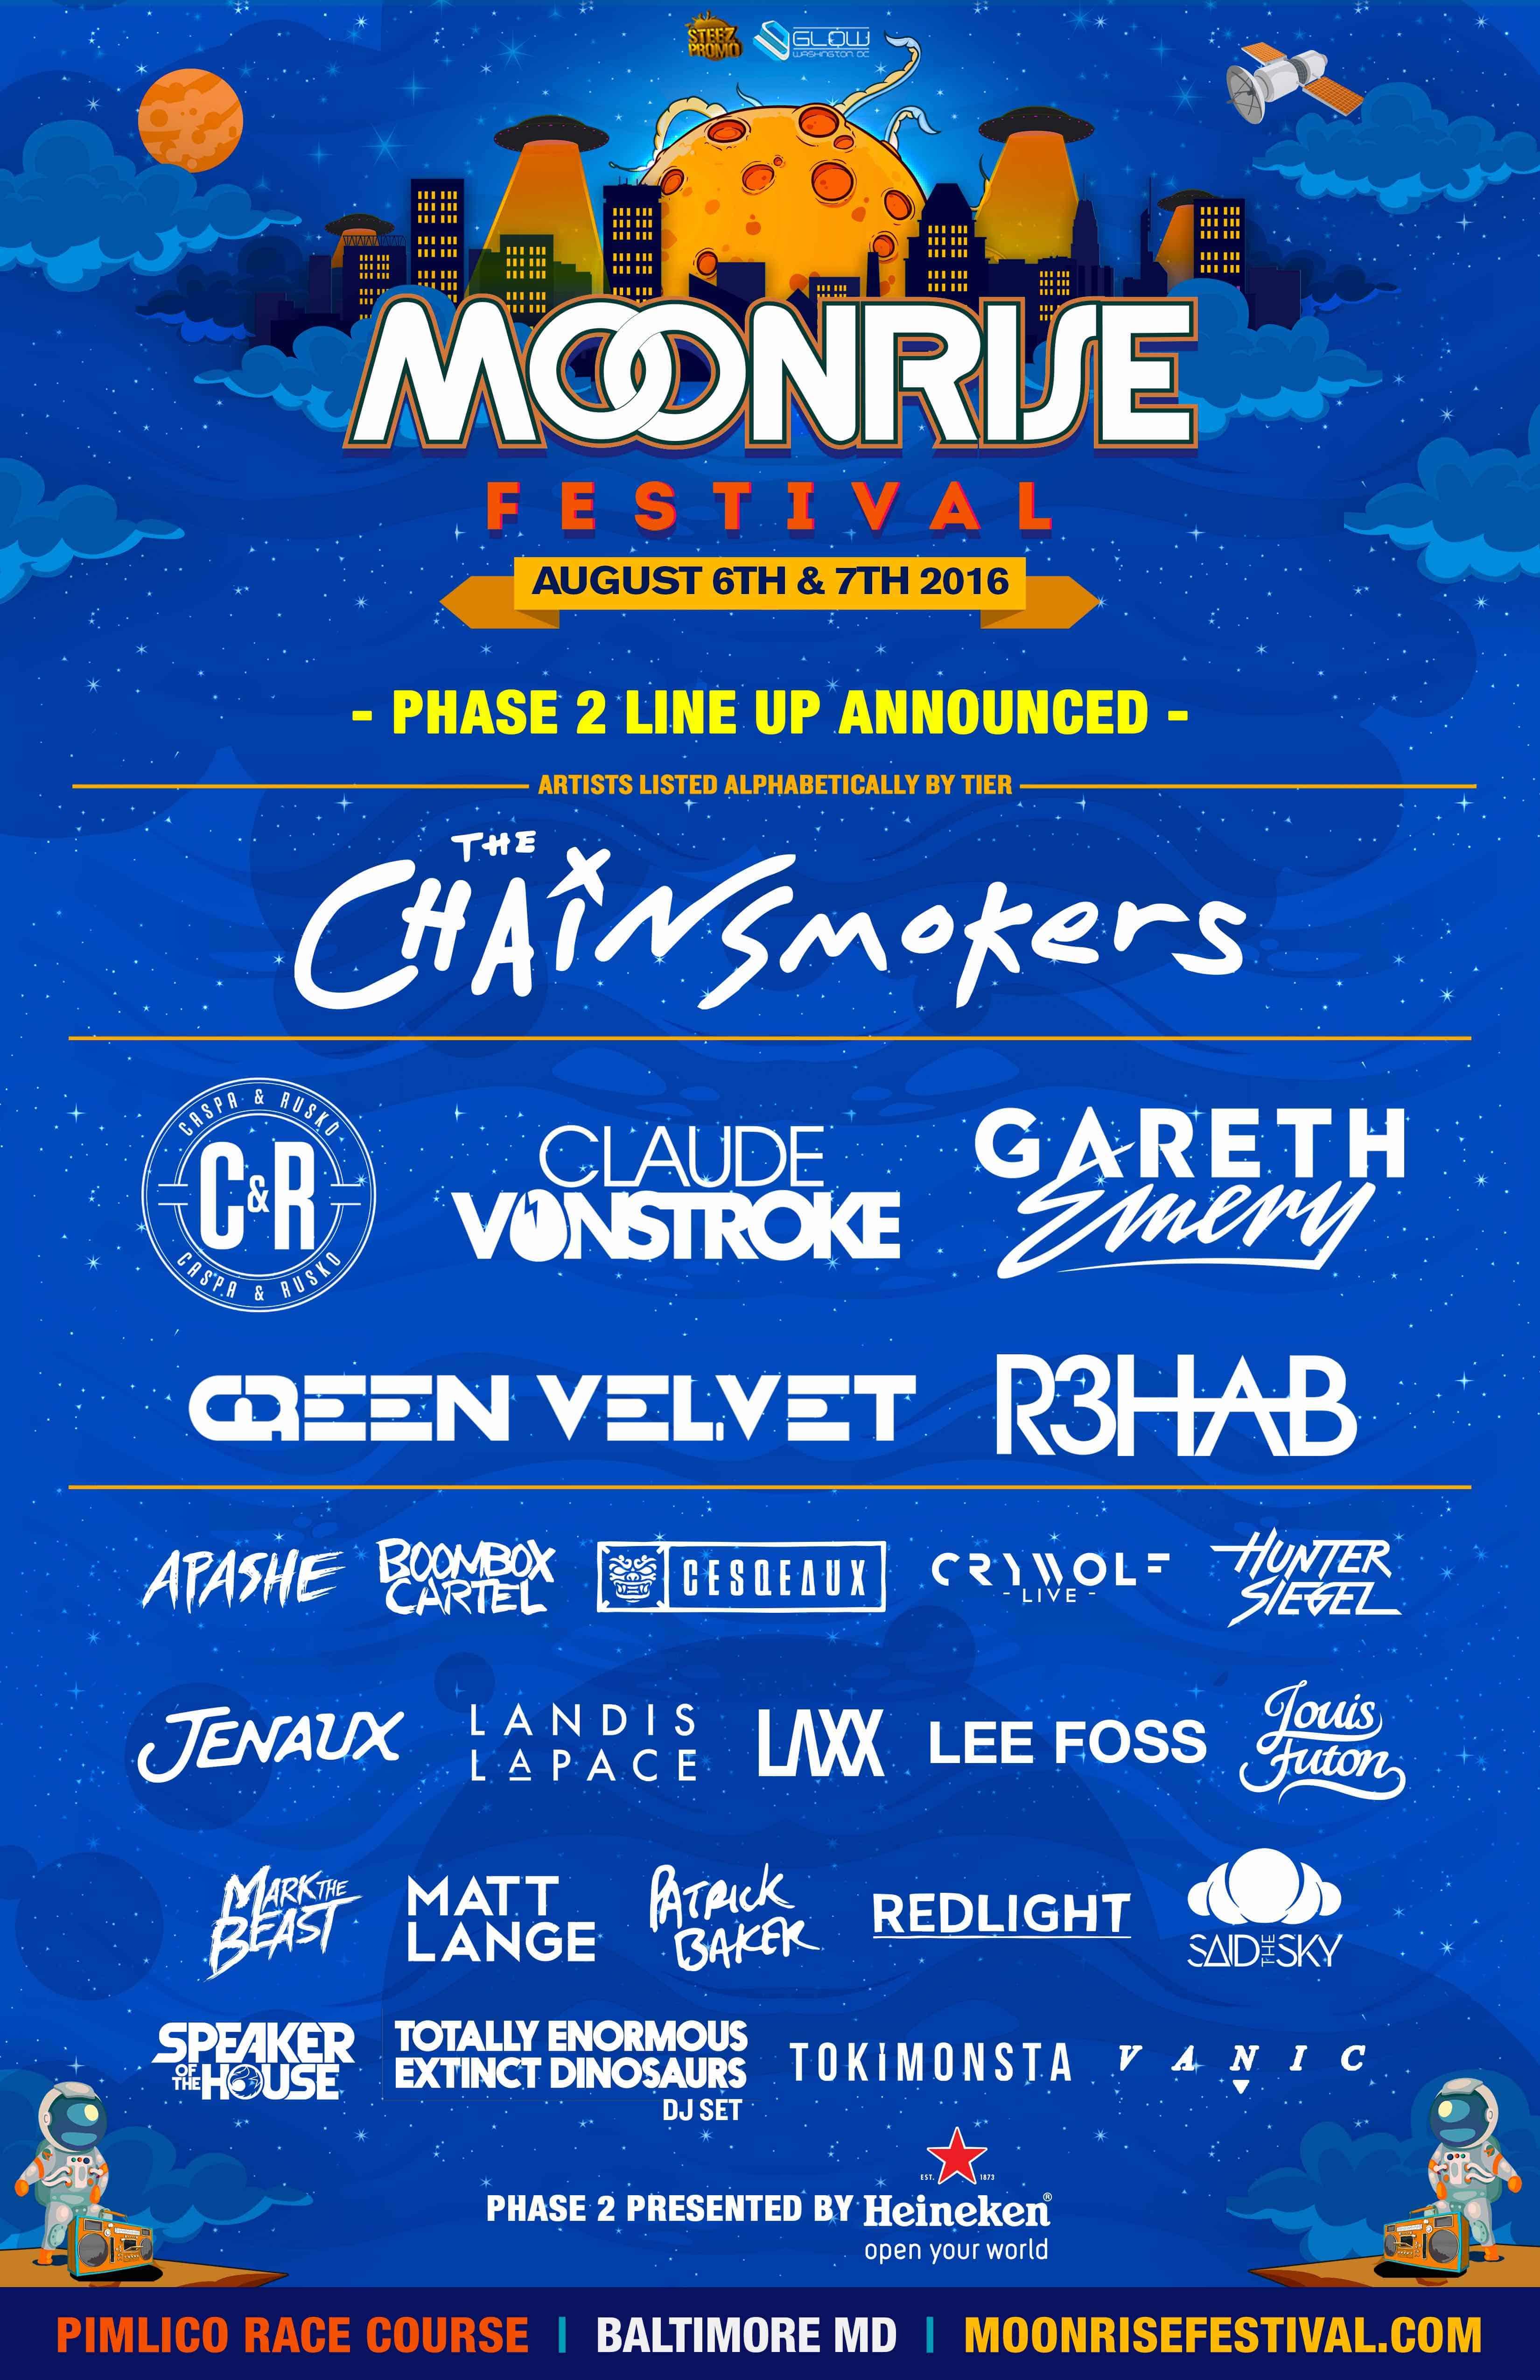 moonrise-festival